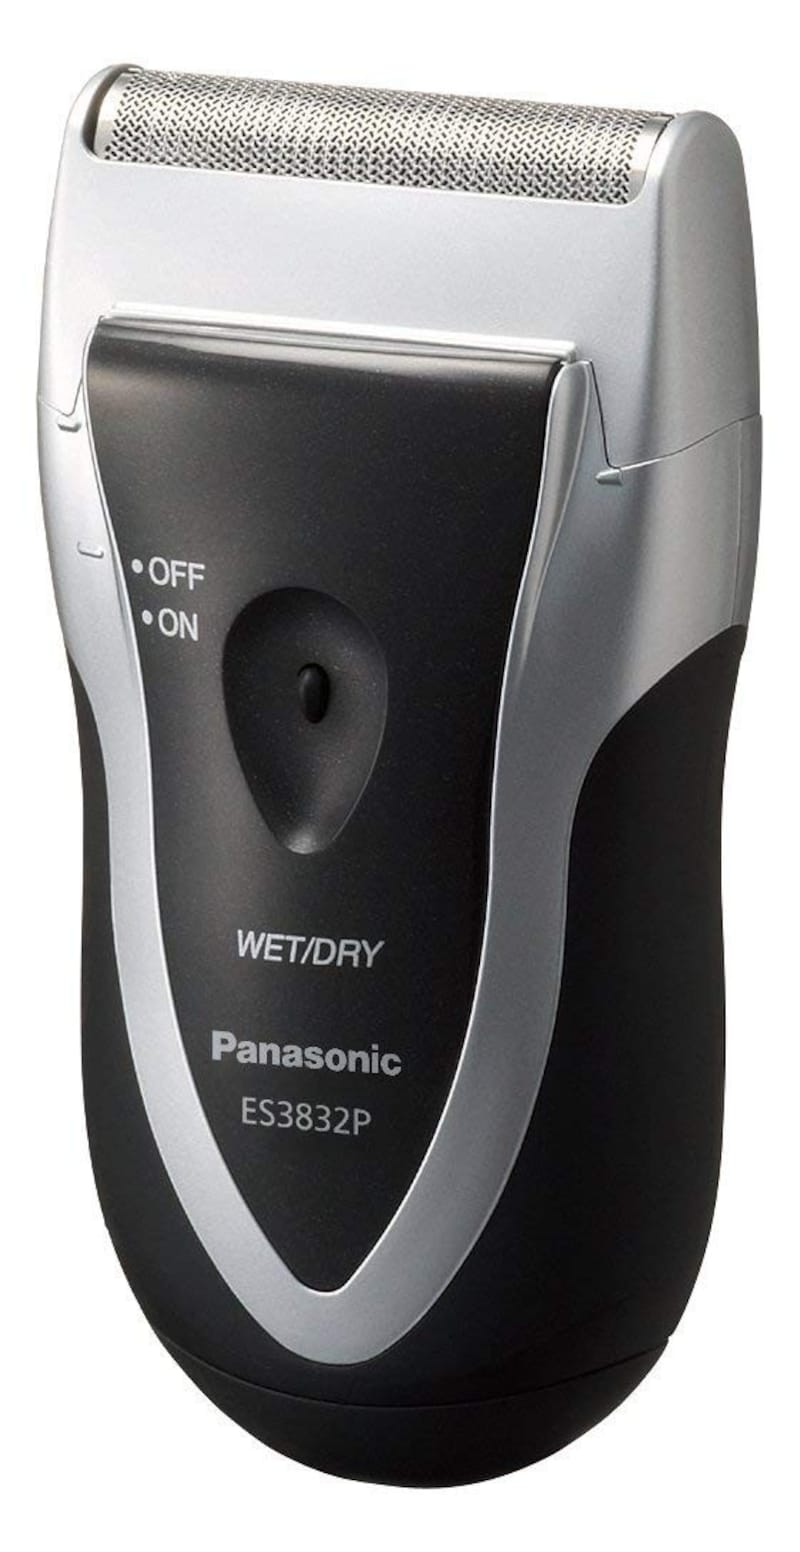 Panasonic(パナソニック),スーパーレザー メンズシェーバー 1枚刃,ES3832P-S